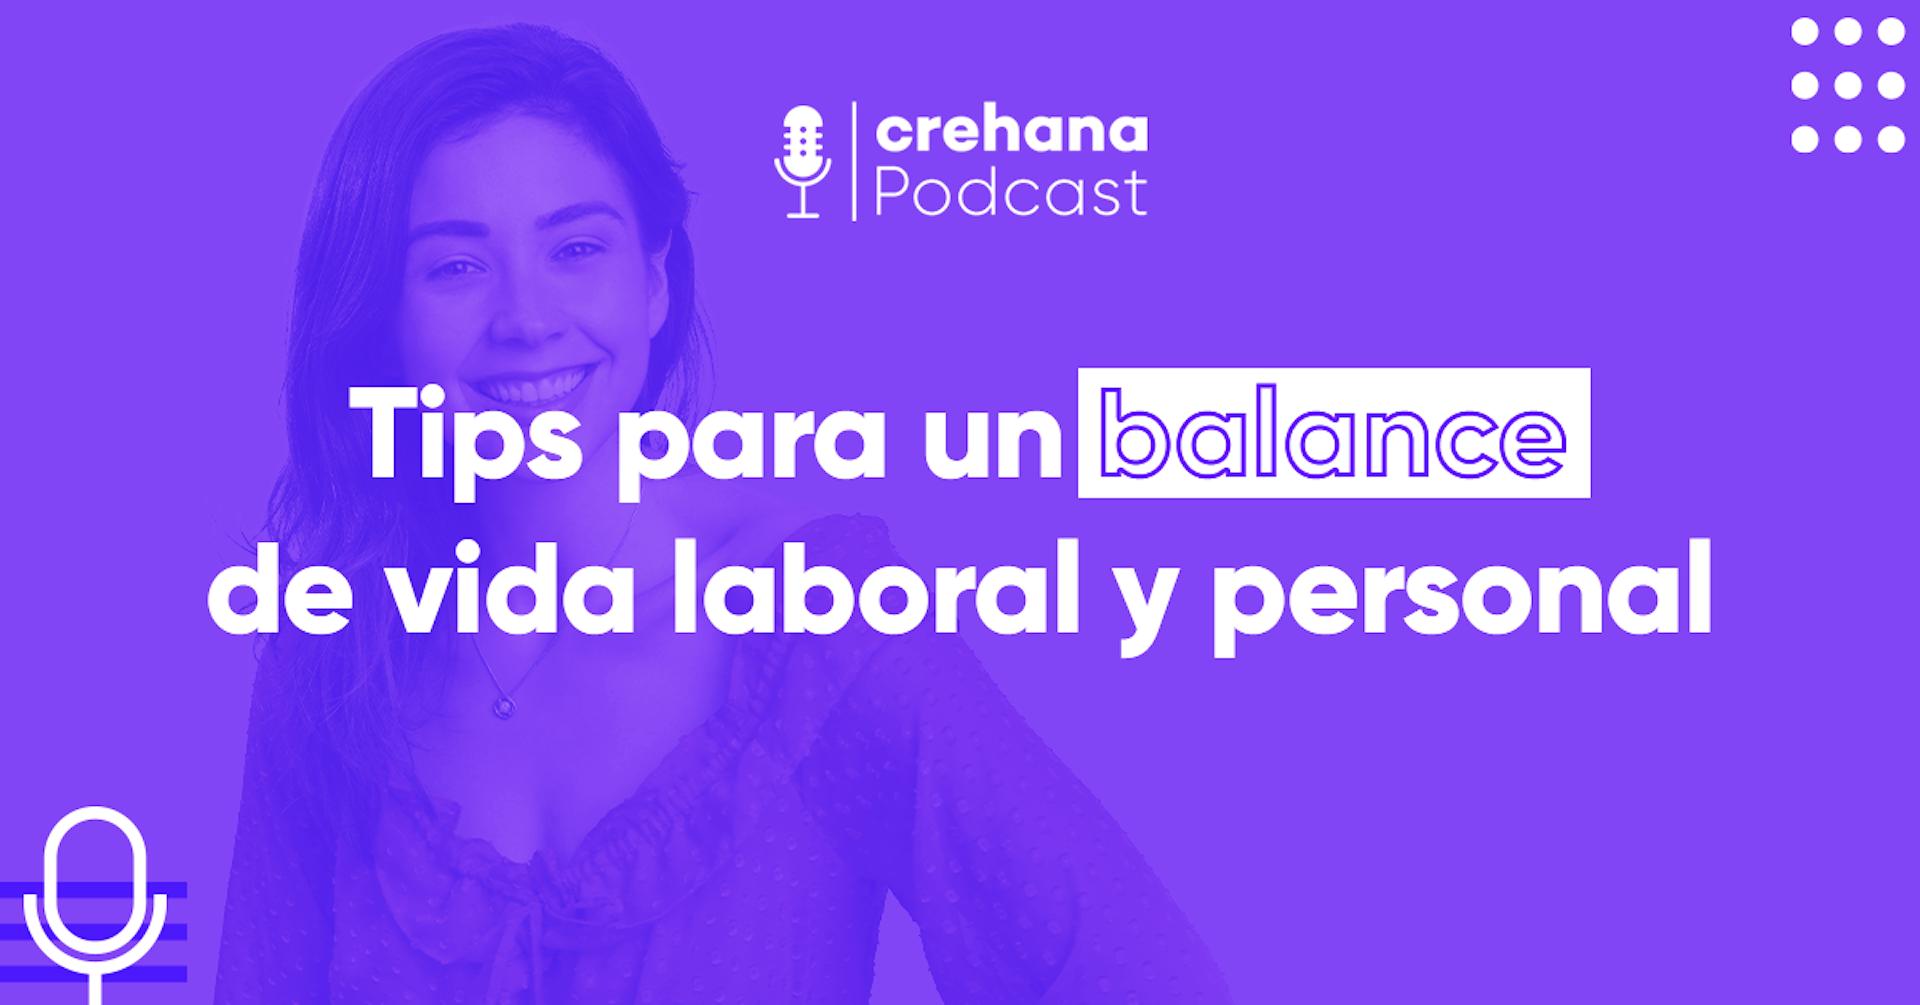 Crehana Podcast: Tips para un balance de vida laboral y personal